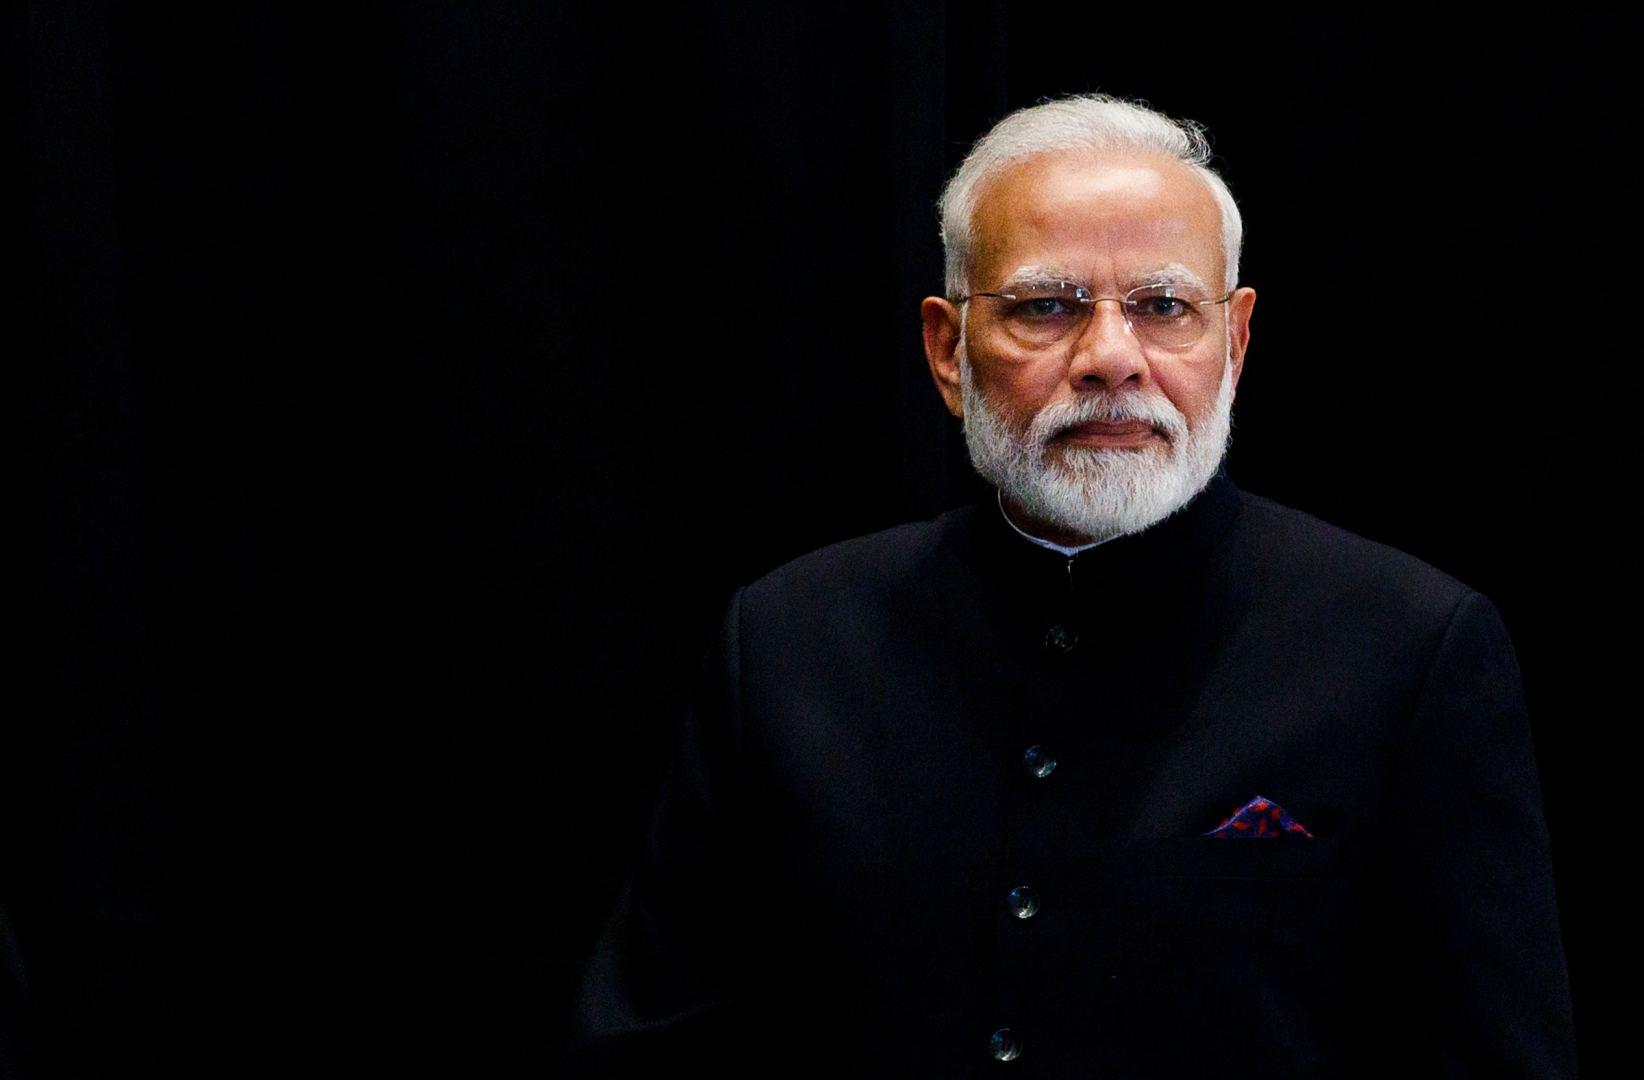 Hindistanın baş naziri iqlim və təmiz enerji üzrə Hindistan-ABŞ tərəfdaşlığını elan edib